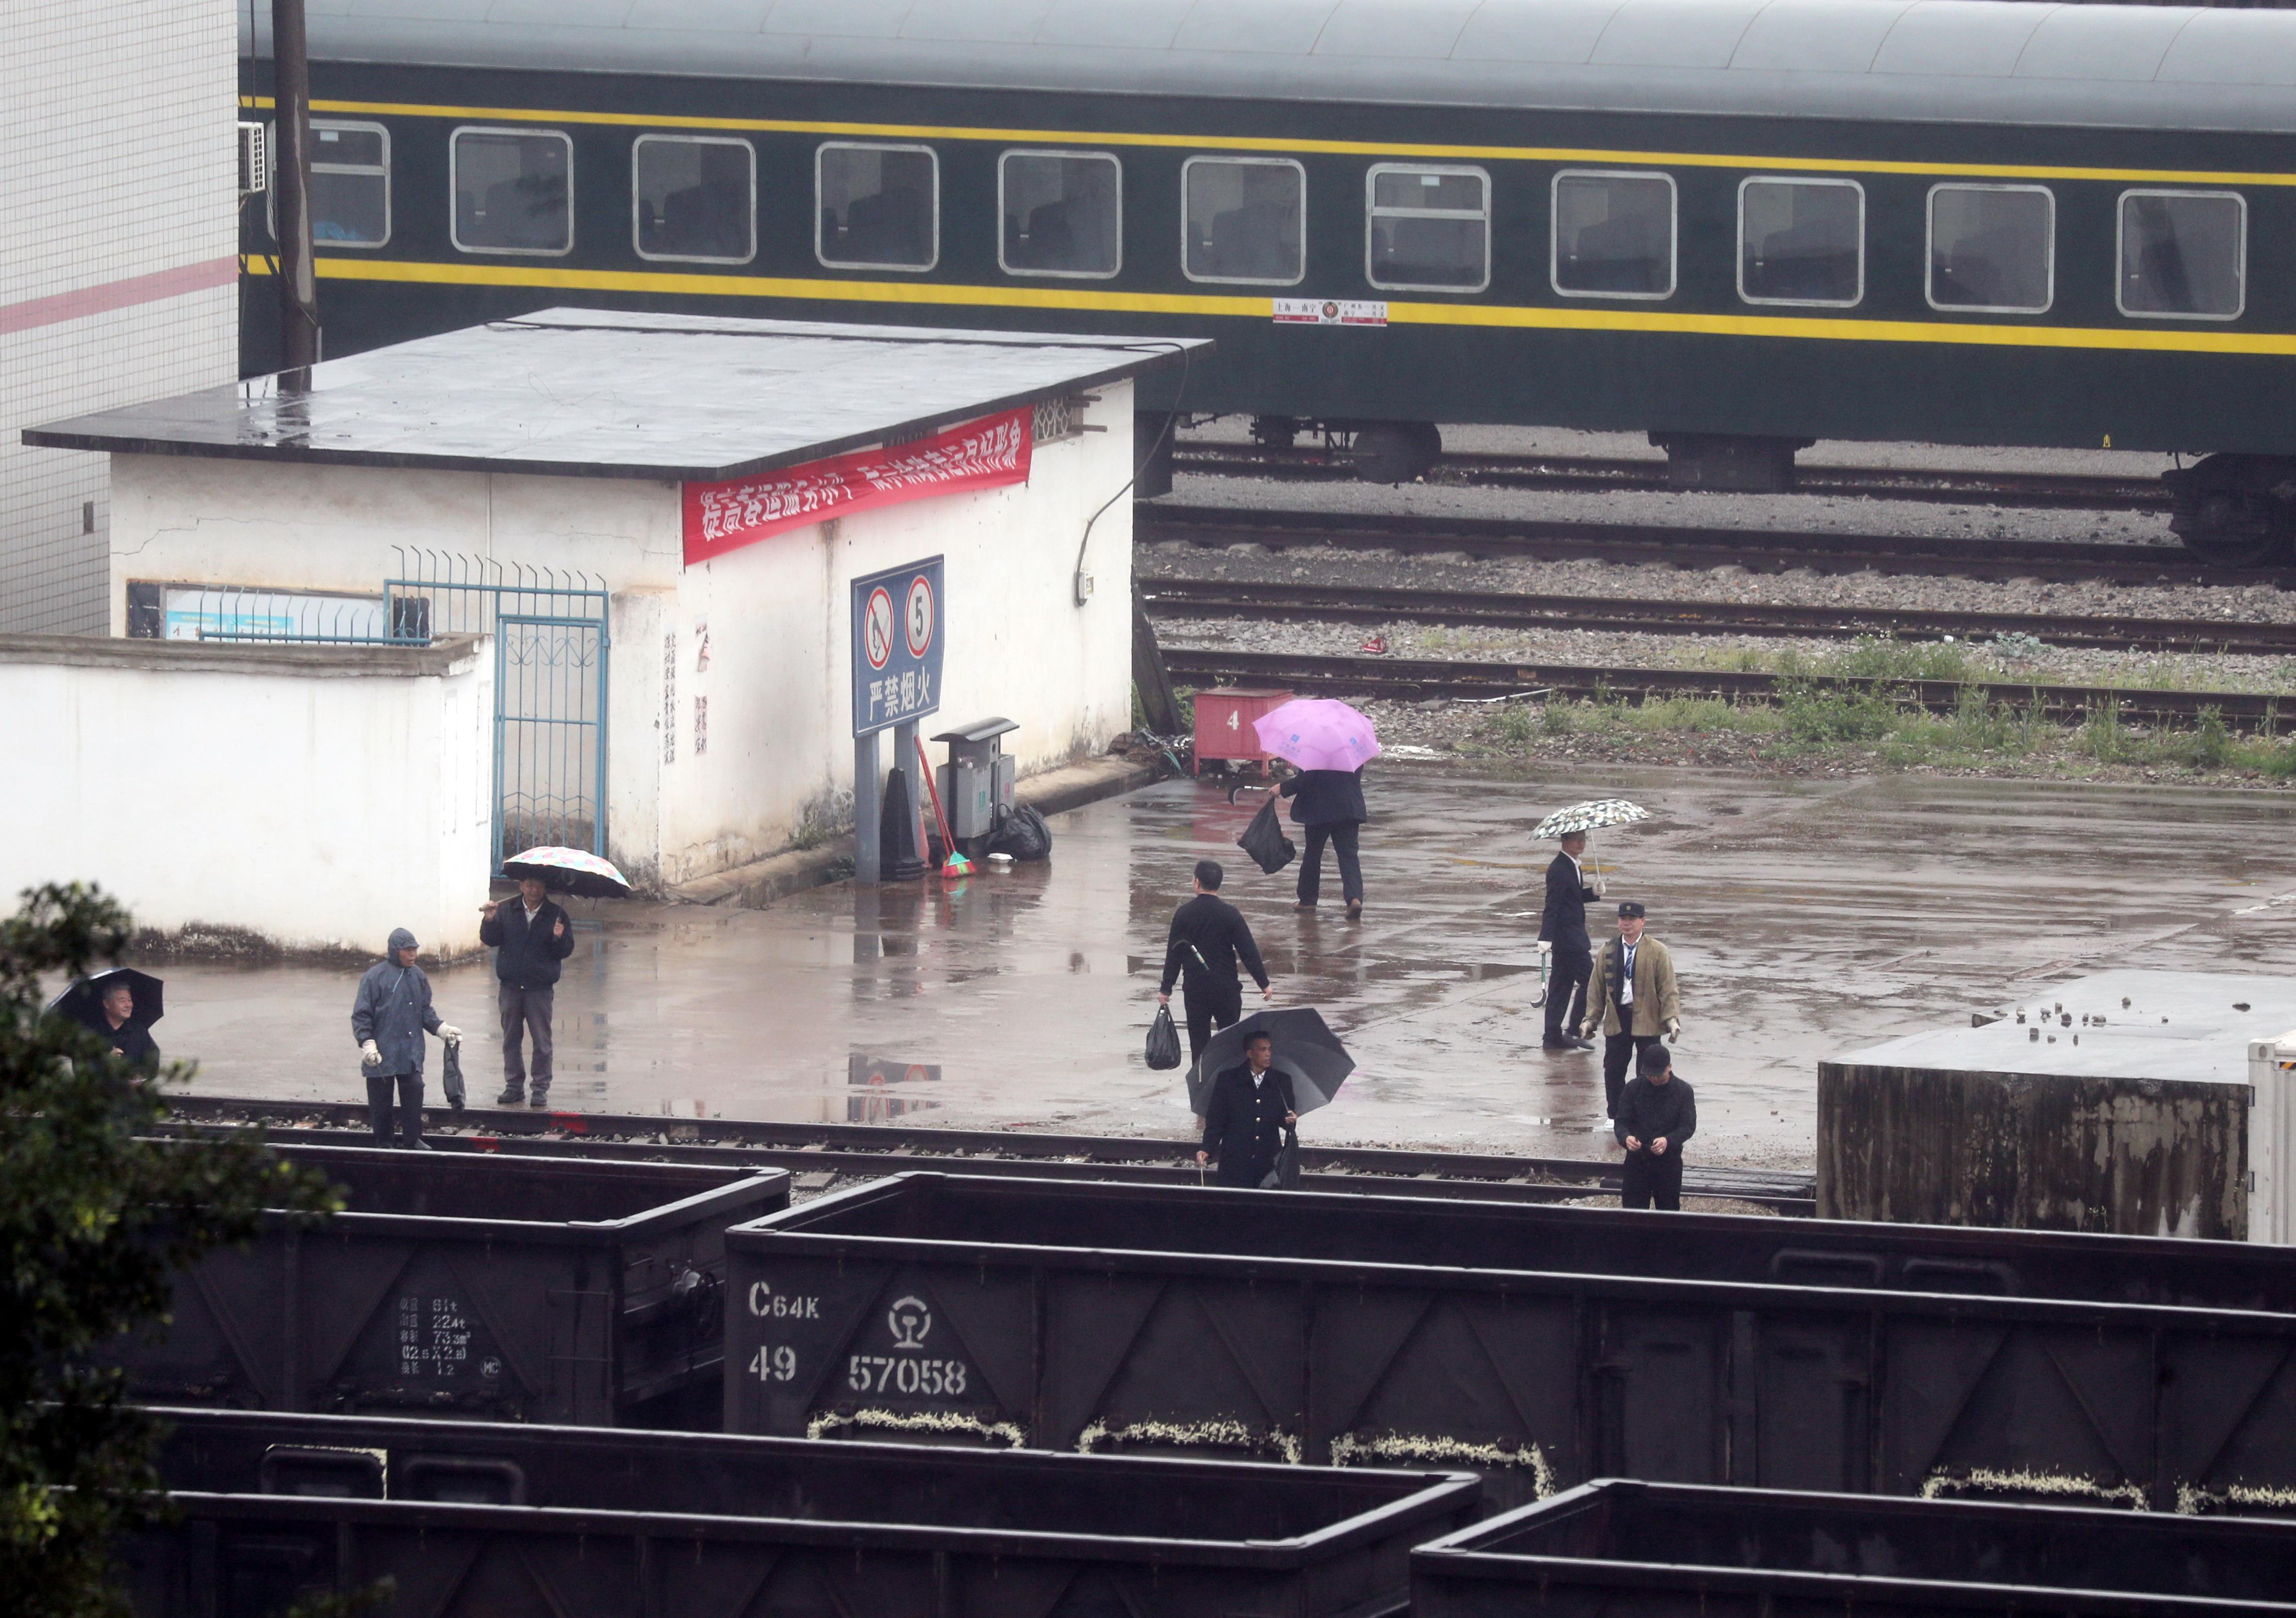 김정은 북한 국무위원장이 열차로 중국을 거쳐 베트남으로 입국할 것으로 예상되는 가운데 중국과 베트남 접경 관문인 핑샹역 선로 점검이 이뤄지는 모습 <사진=연합뉴스>